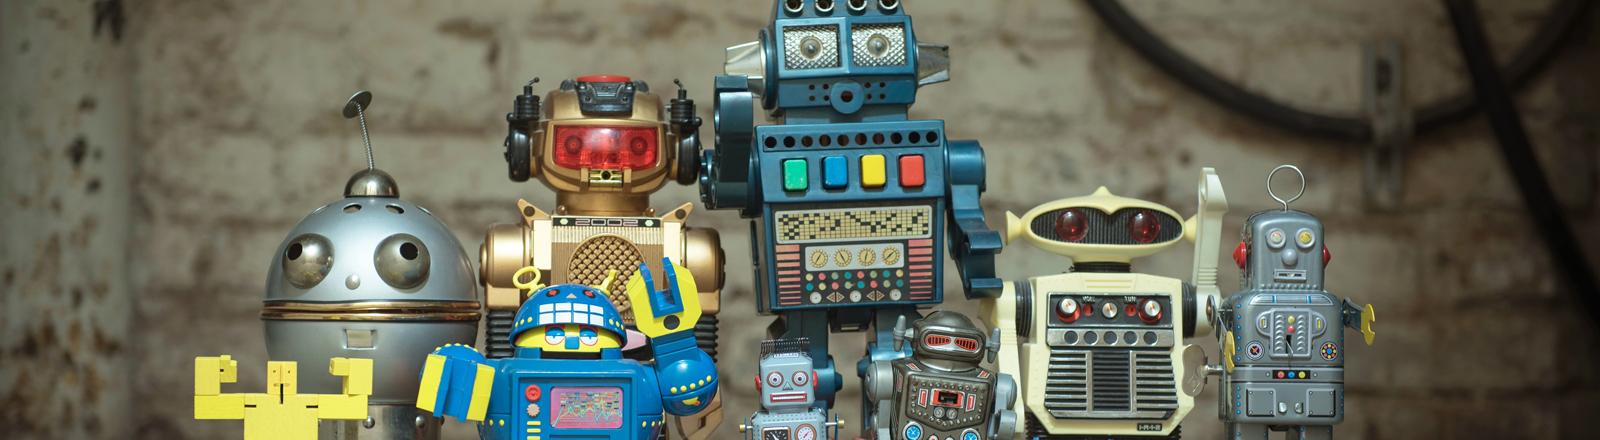 Kleine, süße Roboter nebeneinander aufgestellt.